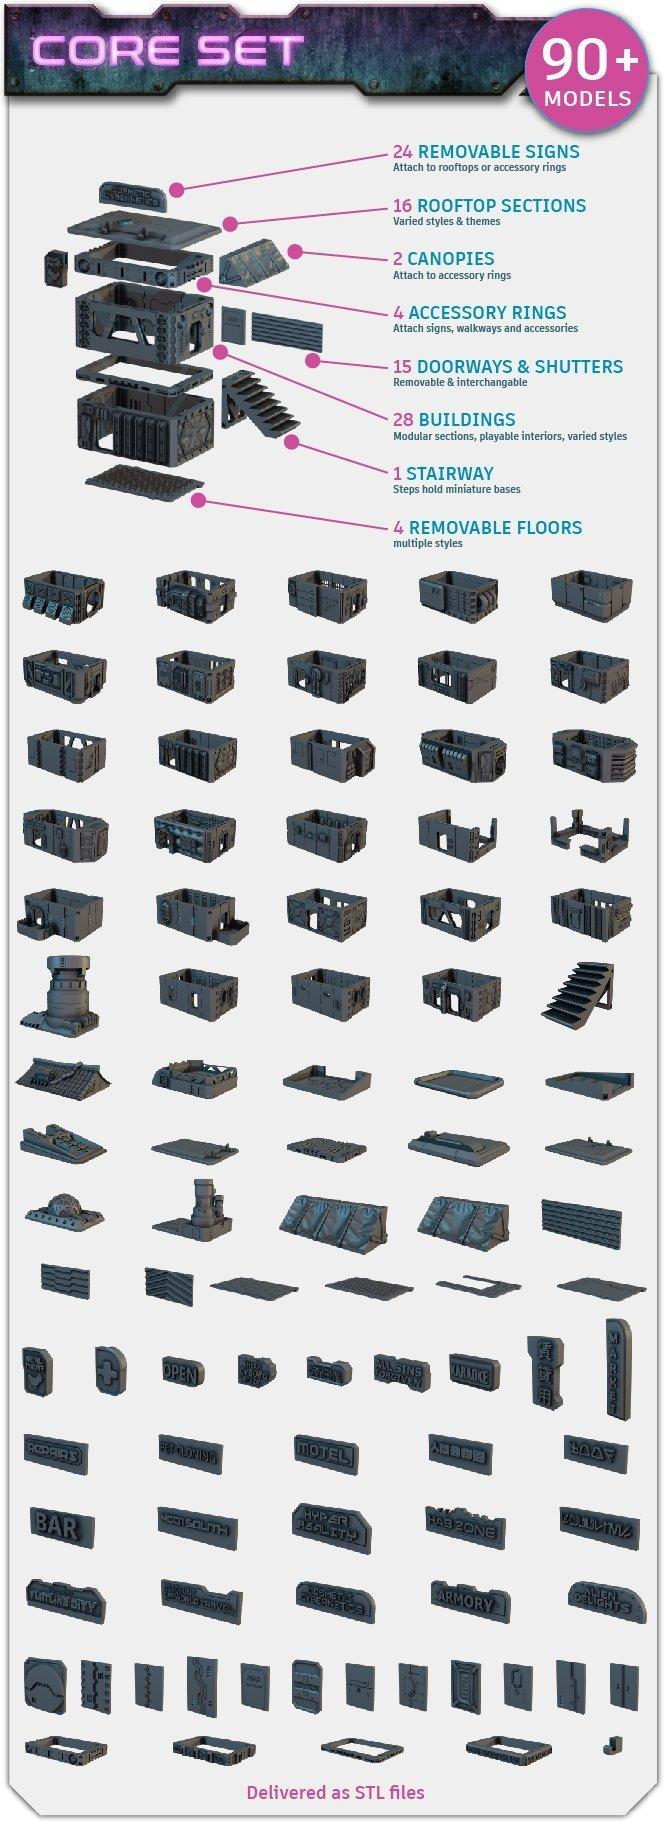 Flatline City core set contents